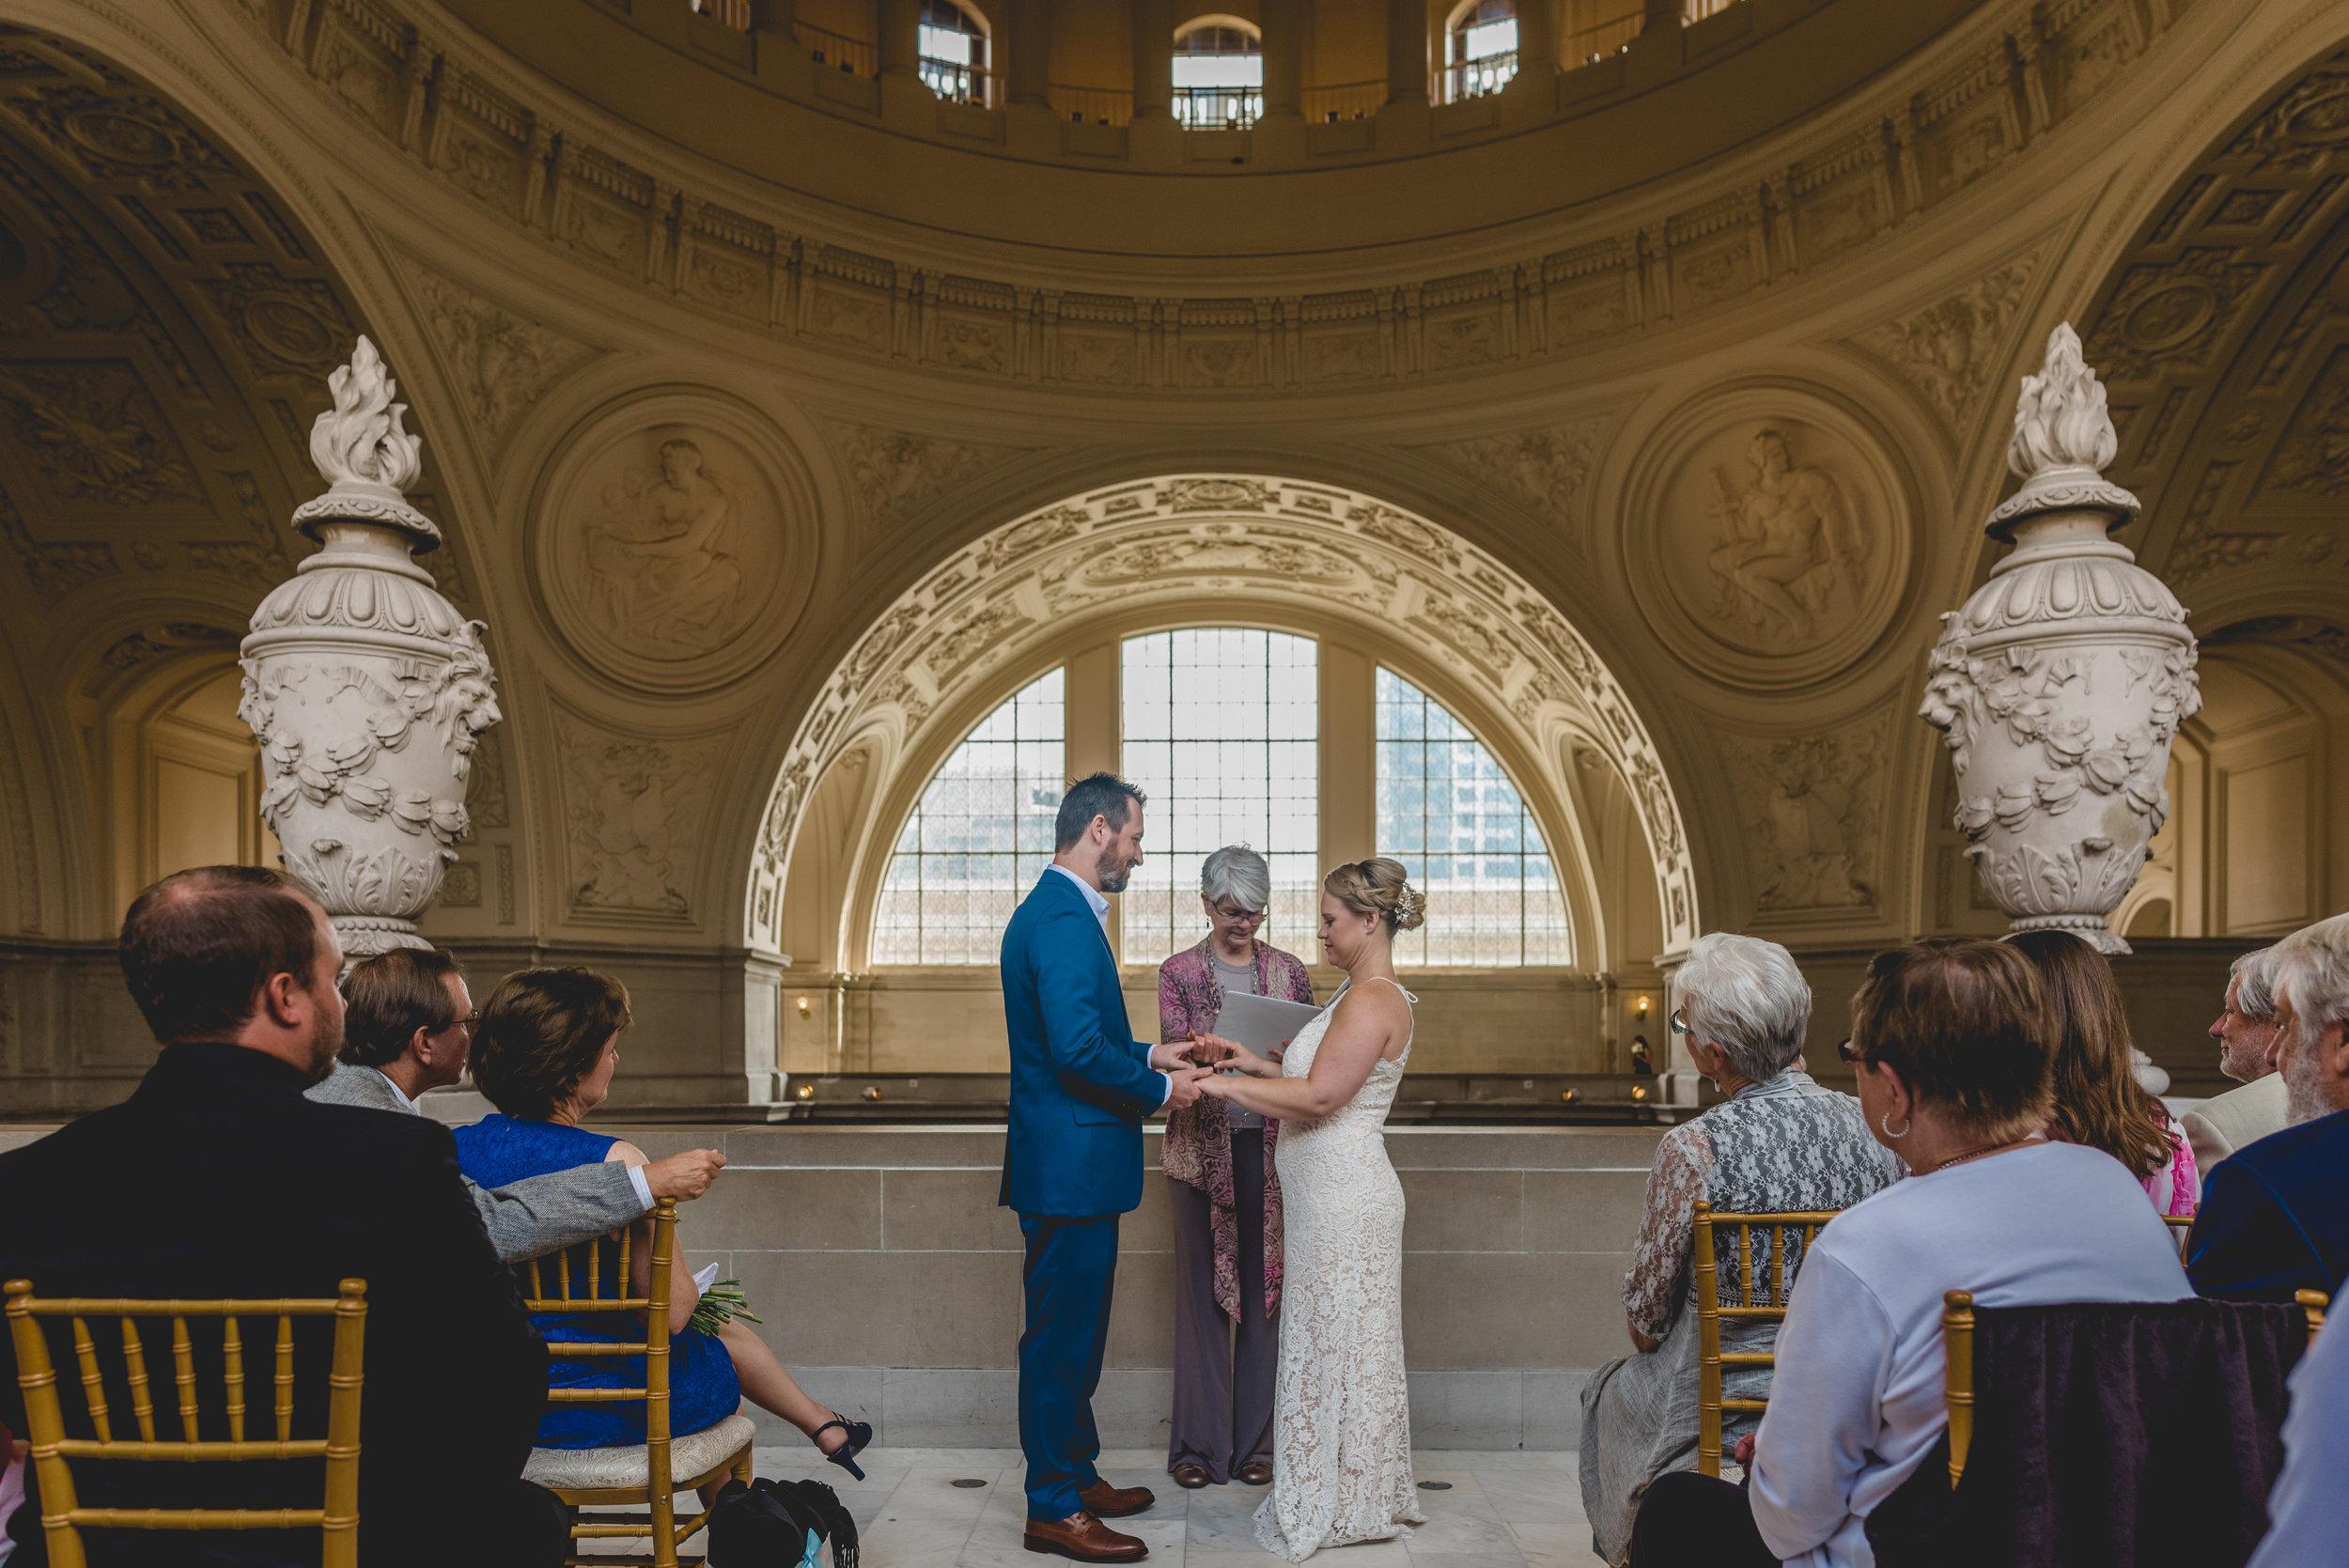 mcdaniels_conroy-wedding-ceremony-100.jpg